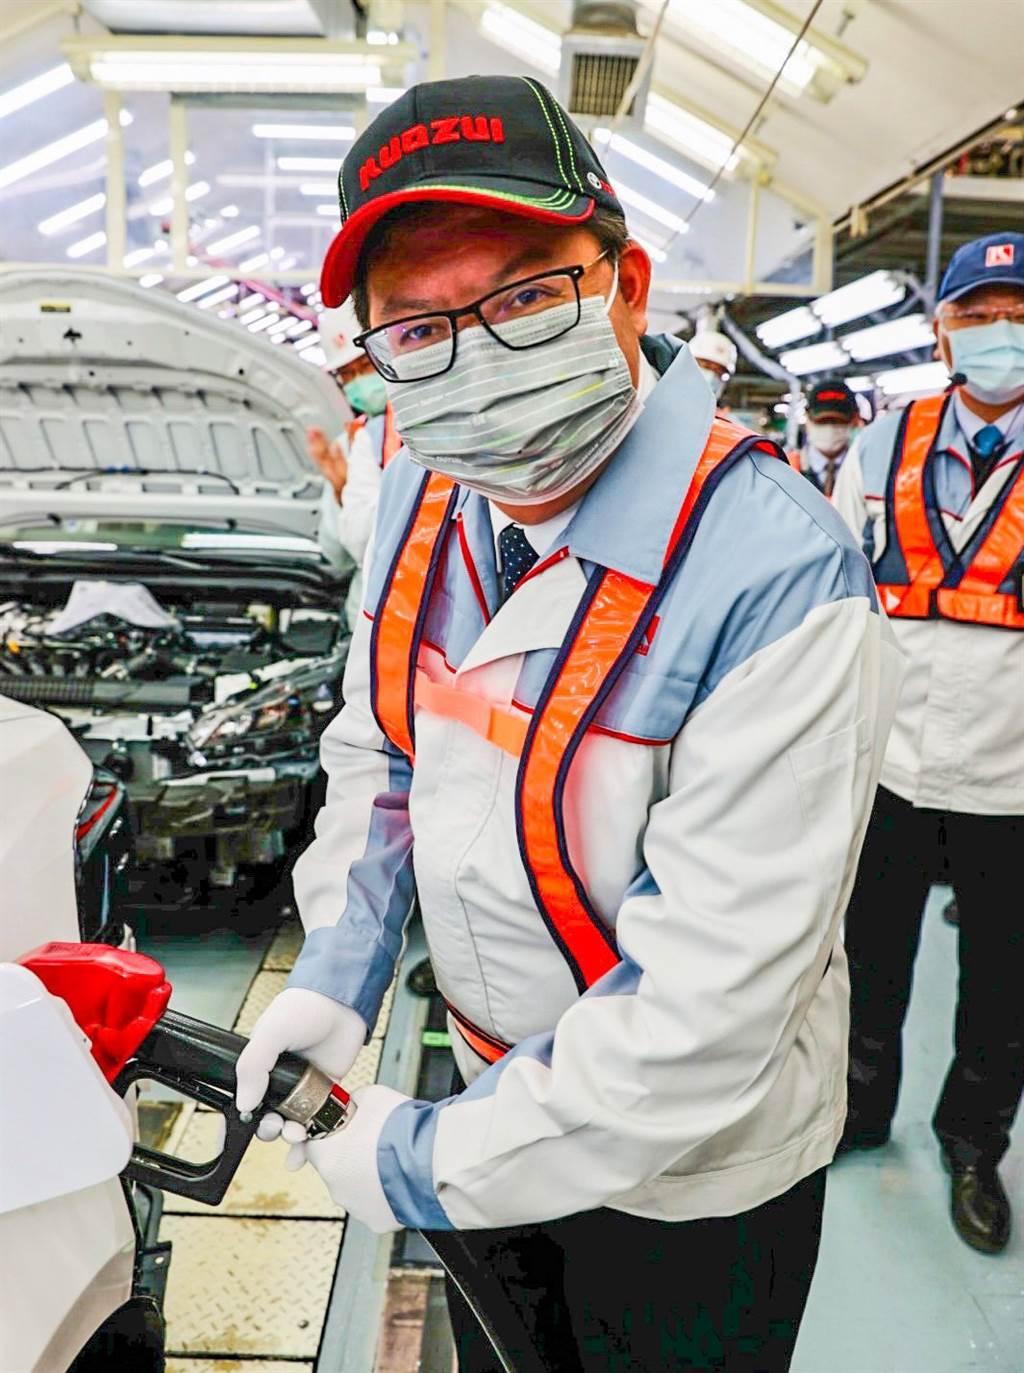 桃園市長鄭文燦為組裝完成車輛加油,象徵為國瑞加油。